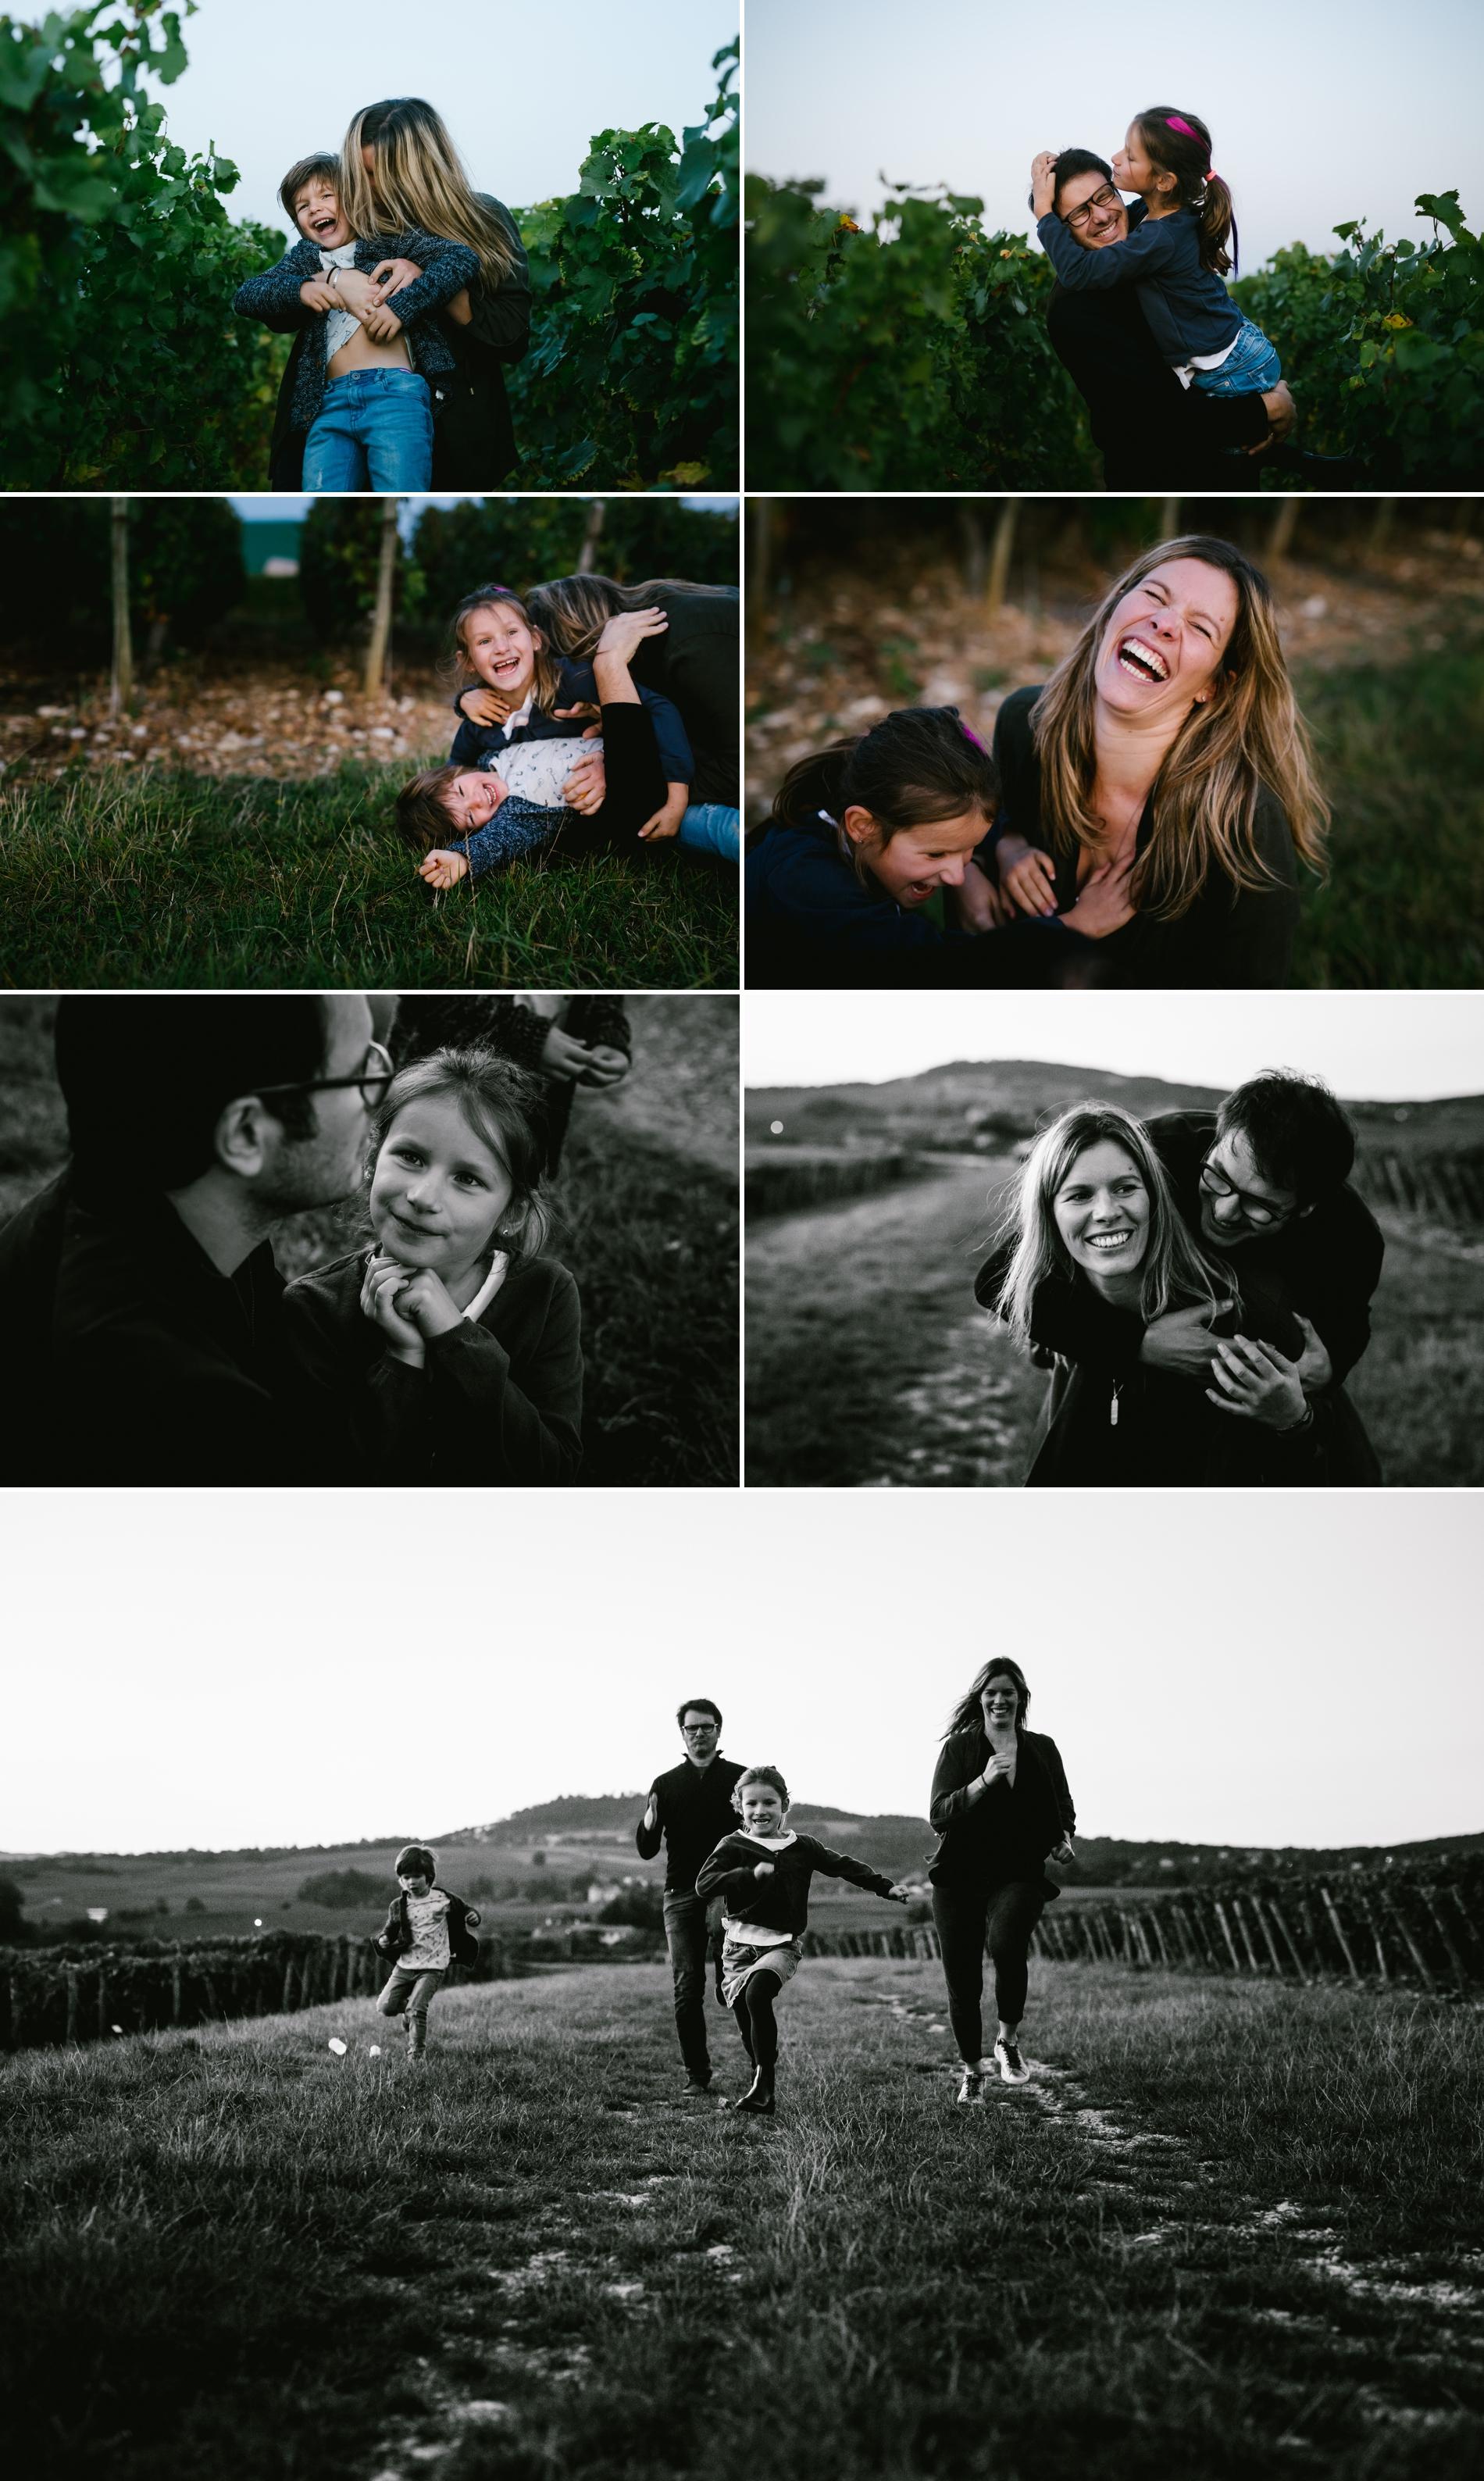 photographe-famille-emiliekphotographie-2